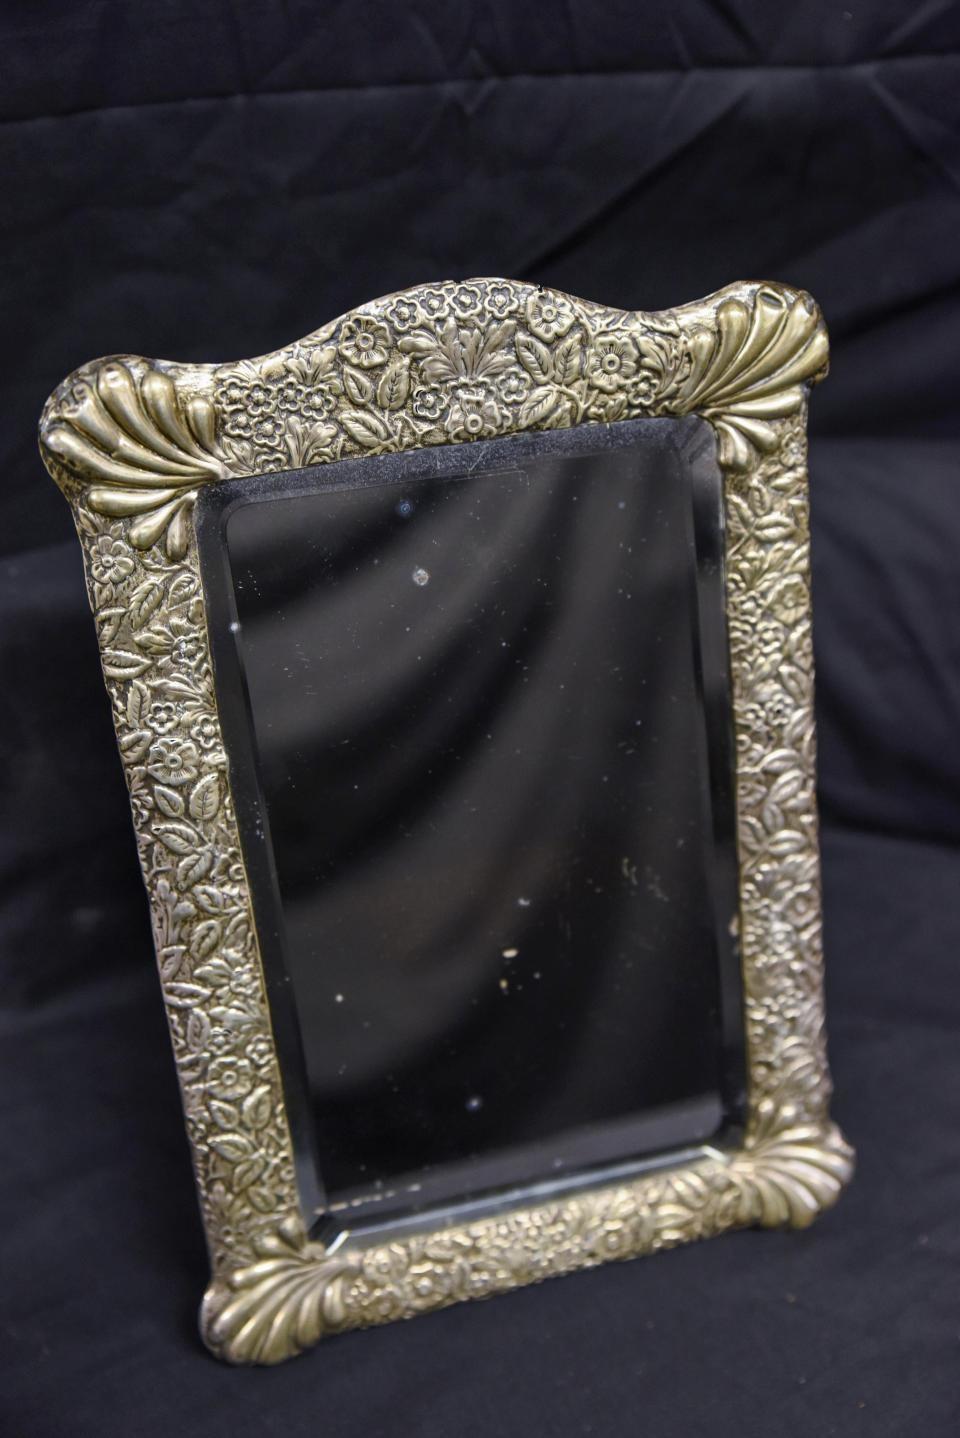 Фото. Начальная цена зеркала капитана Титаника – 10 тысяч долларов